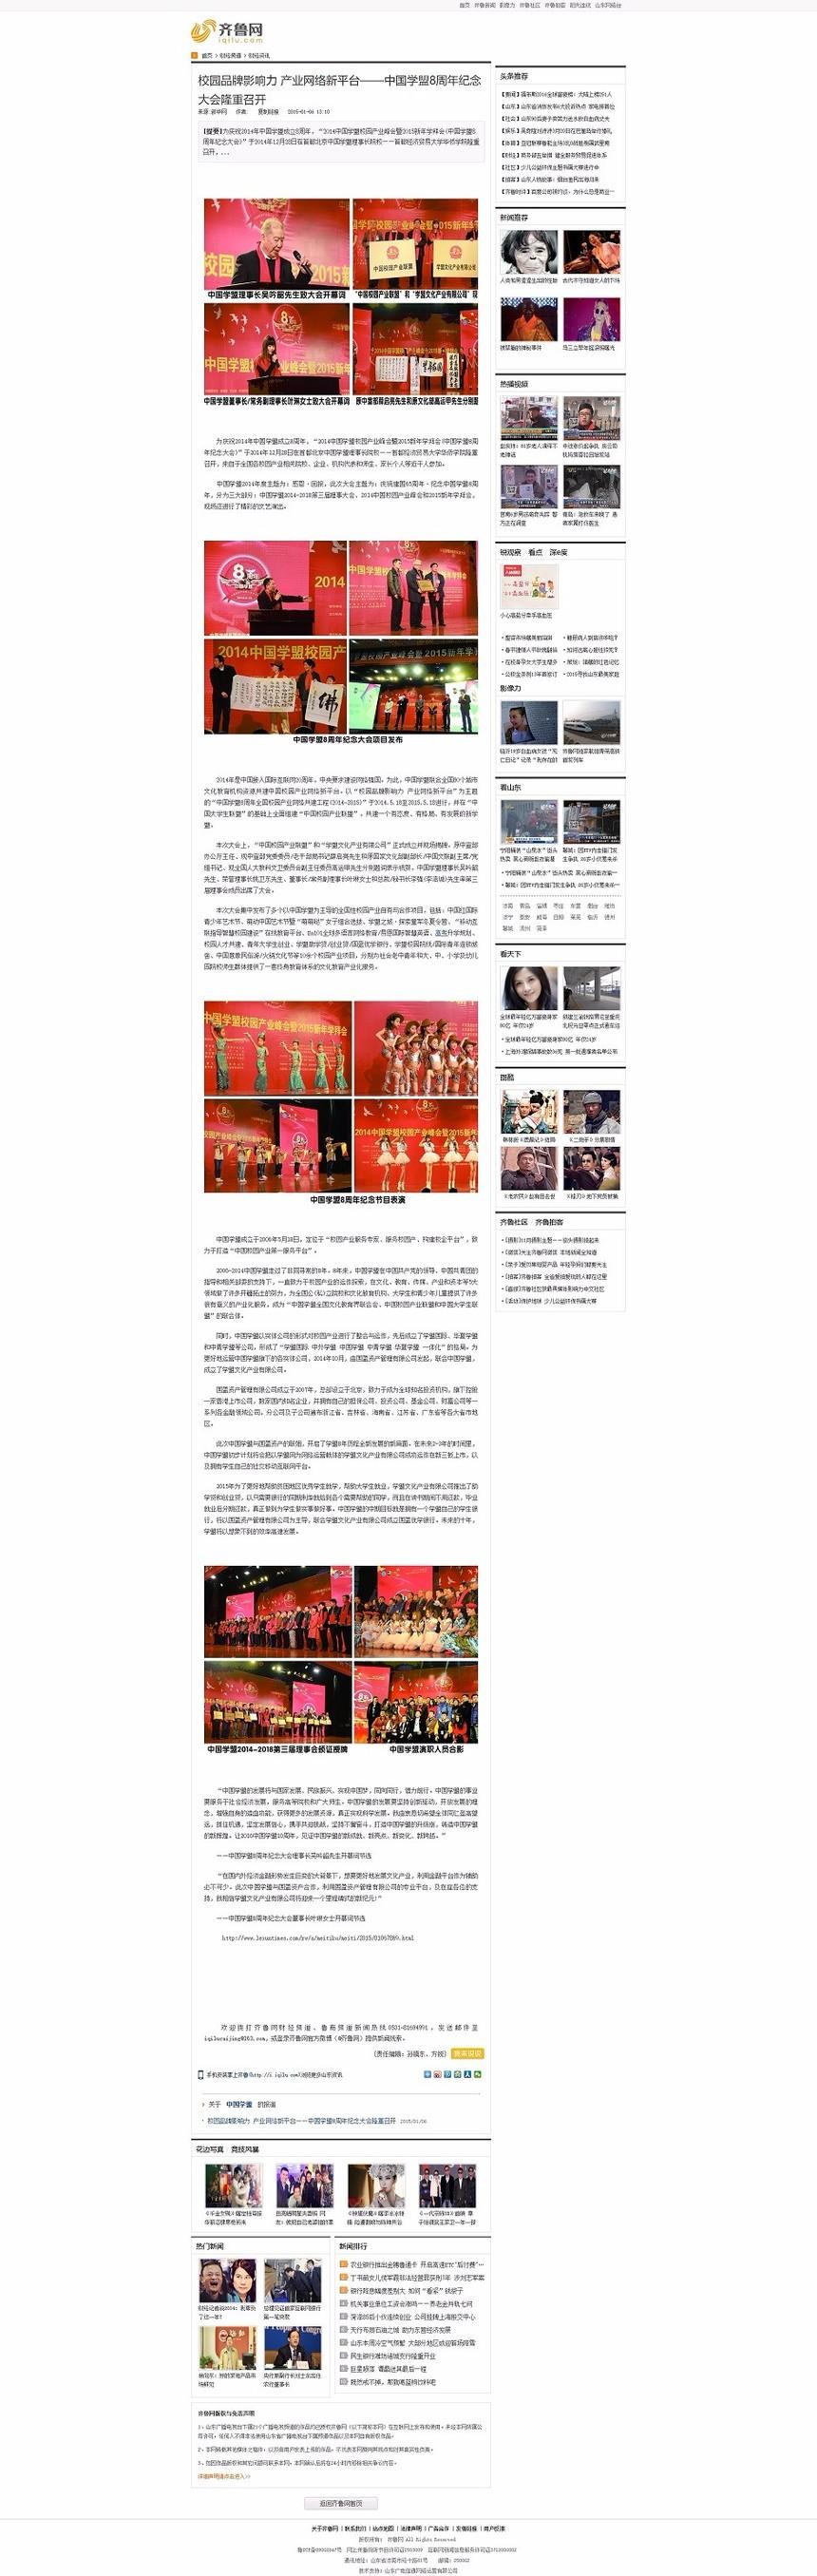 齐鲁网:校园品牌影响力 产业网络新平台 中国学盟8周年纪念大会.1.jpg